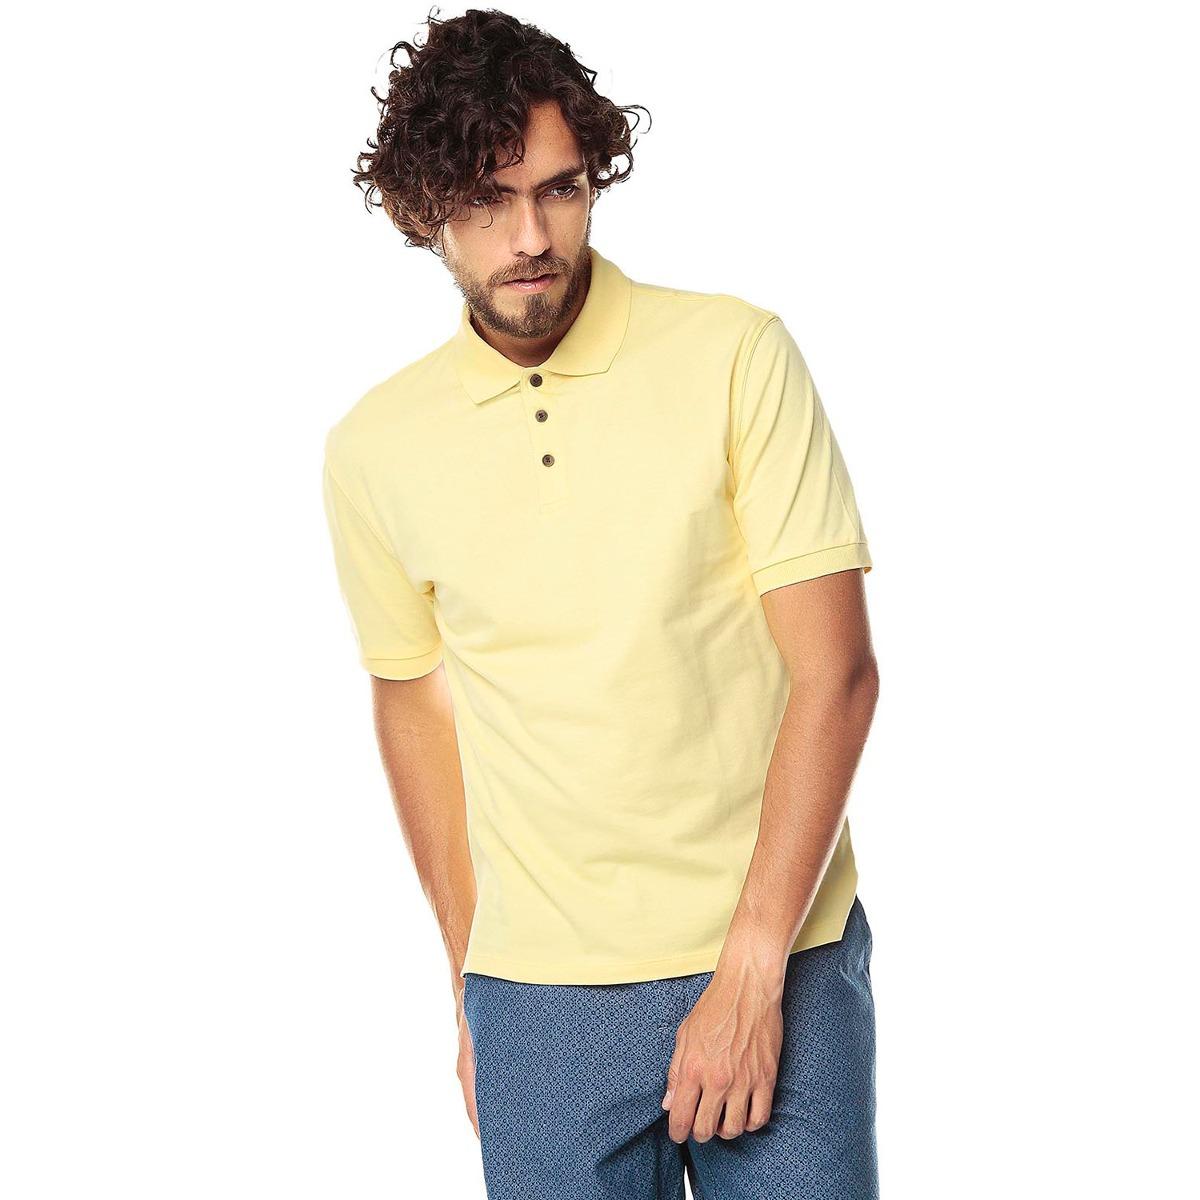 Camiseta Tipo Polo Para Hombre Color Siete -   89.900 en Mercado Libre b1b439d591f8